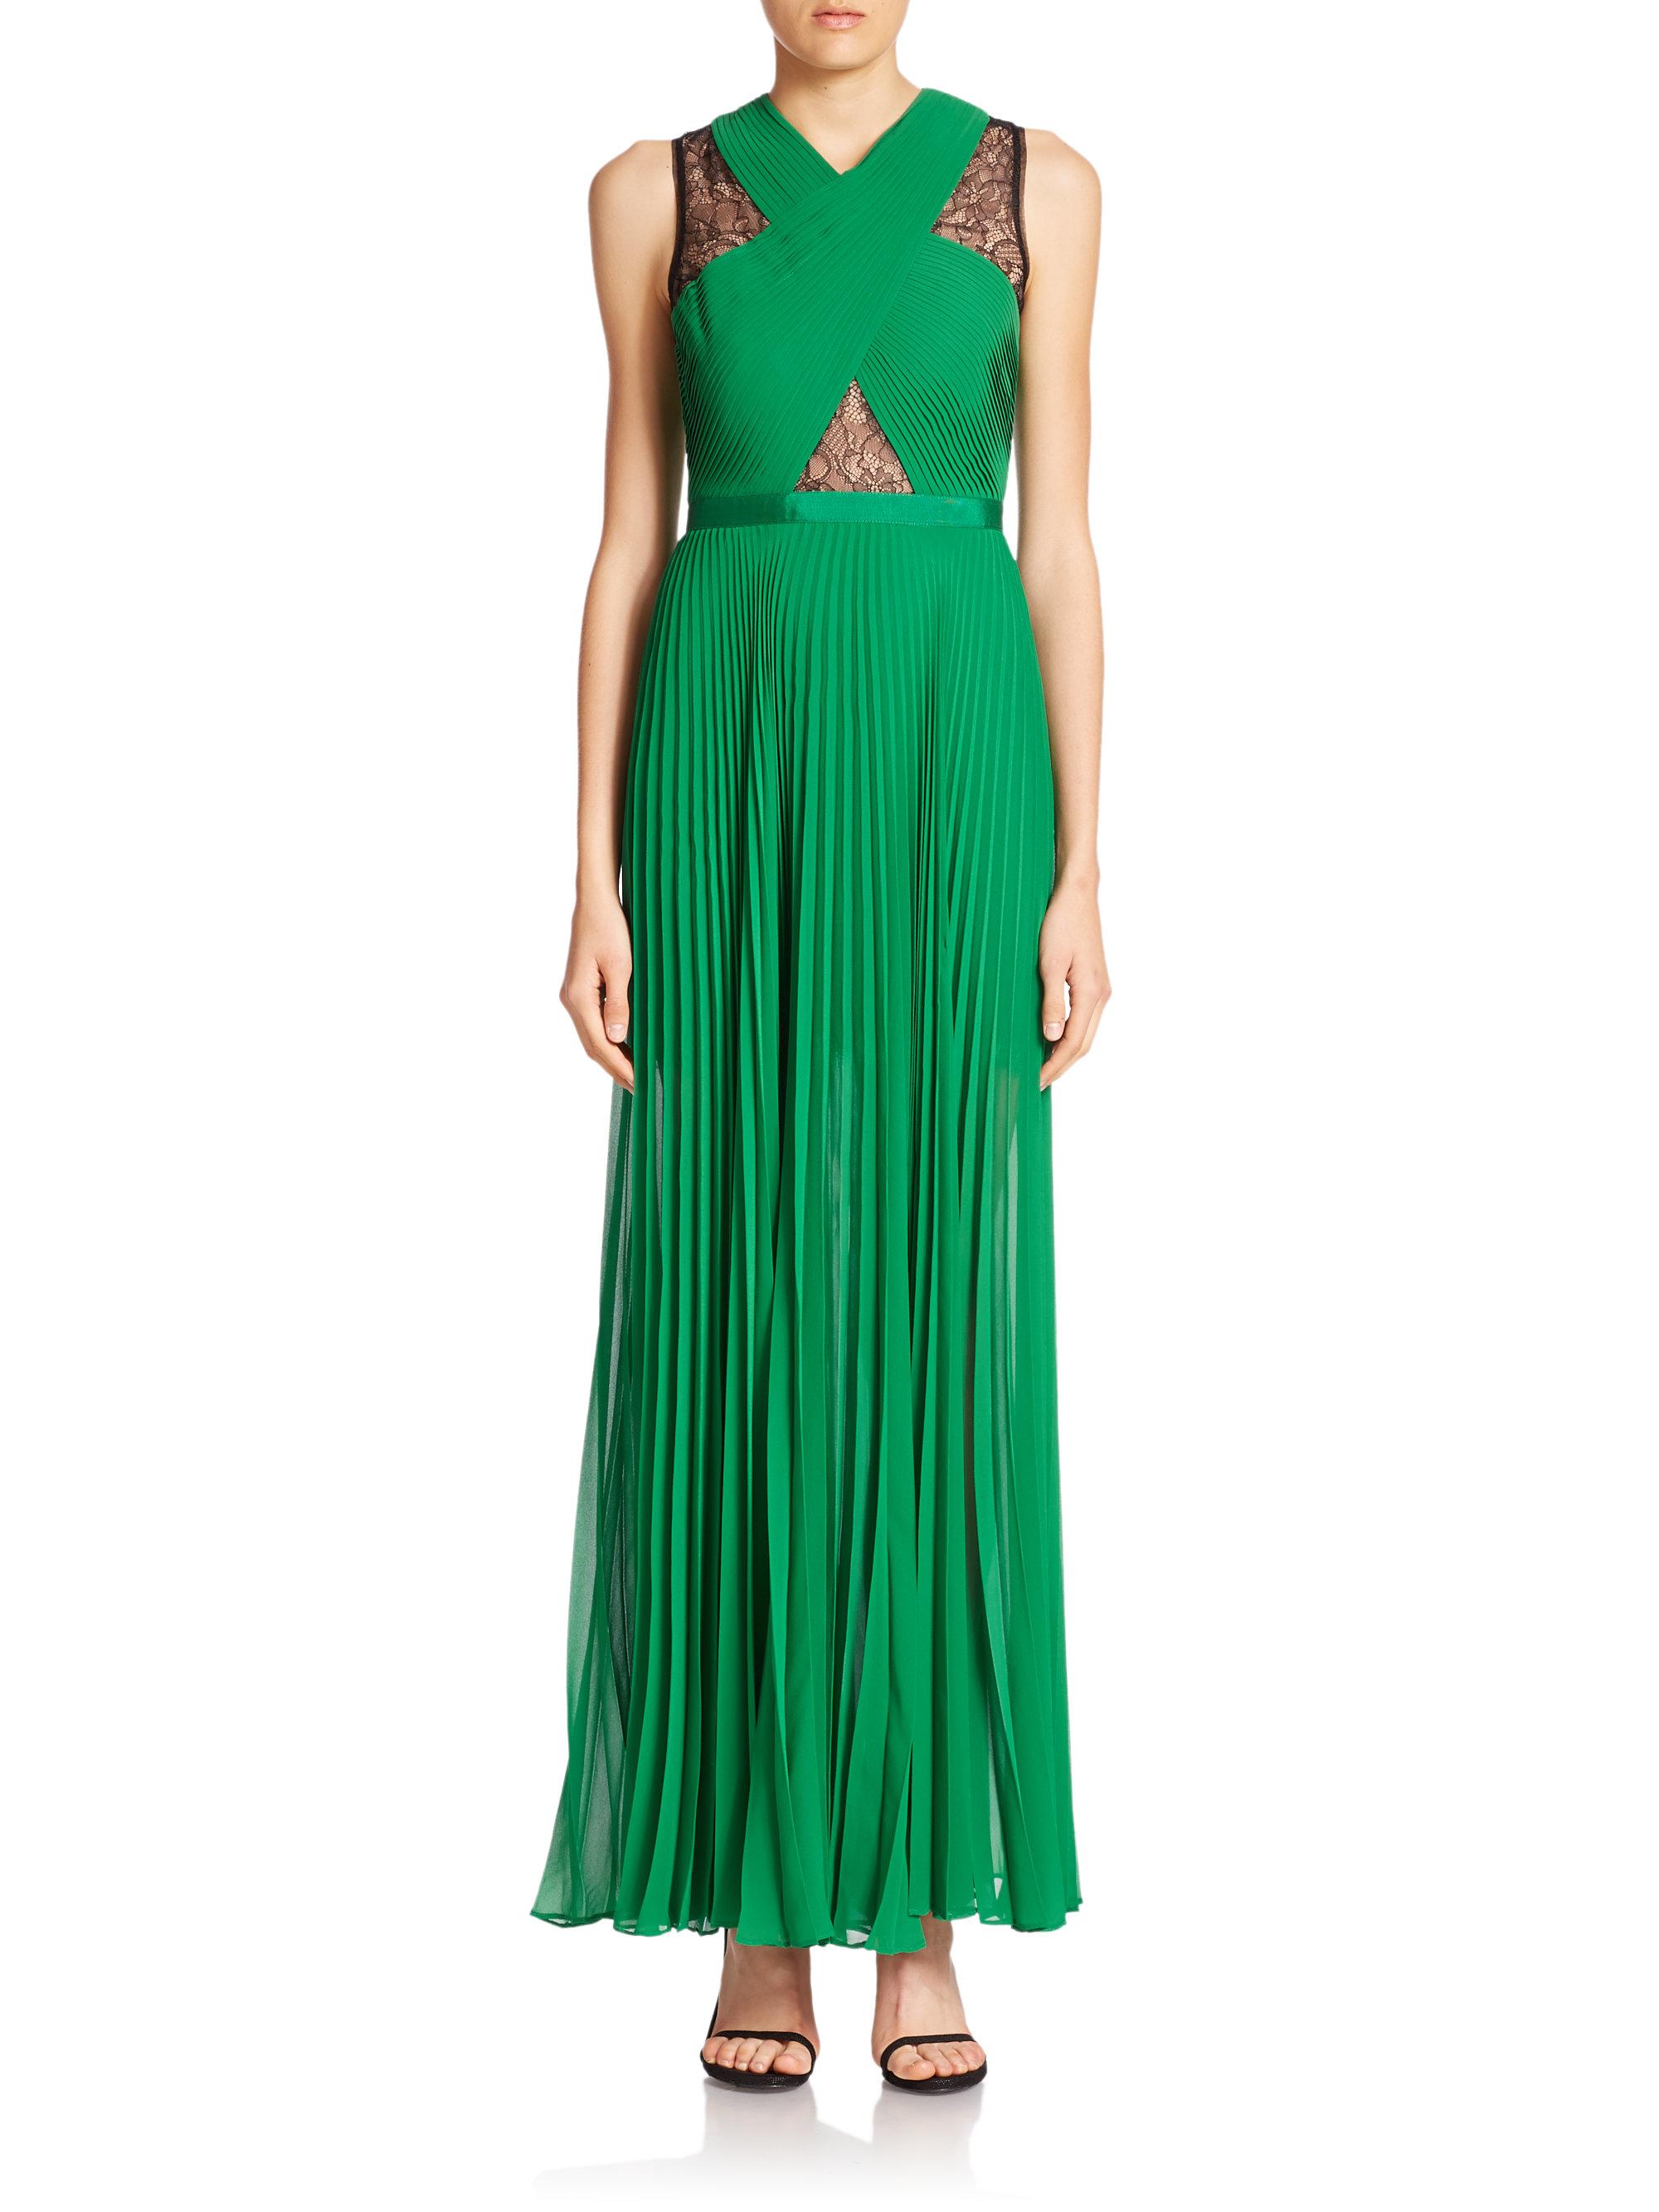 4ee7404e90ce BCBGMAXAZRIA Caia Pleated Illusion Dress in Green - Lyst